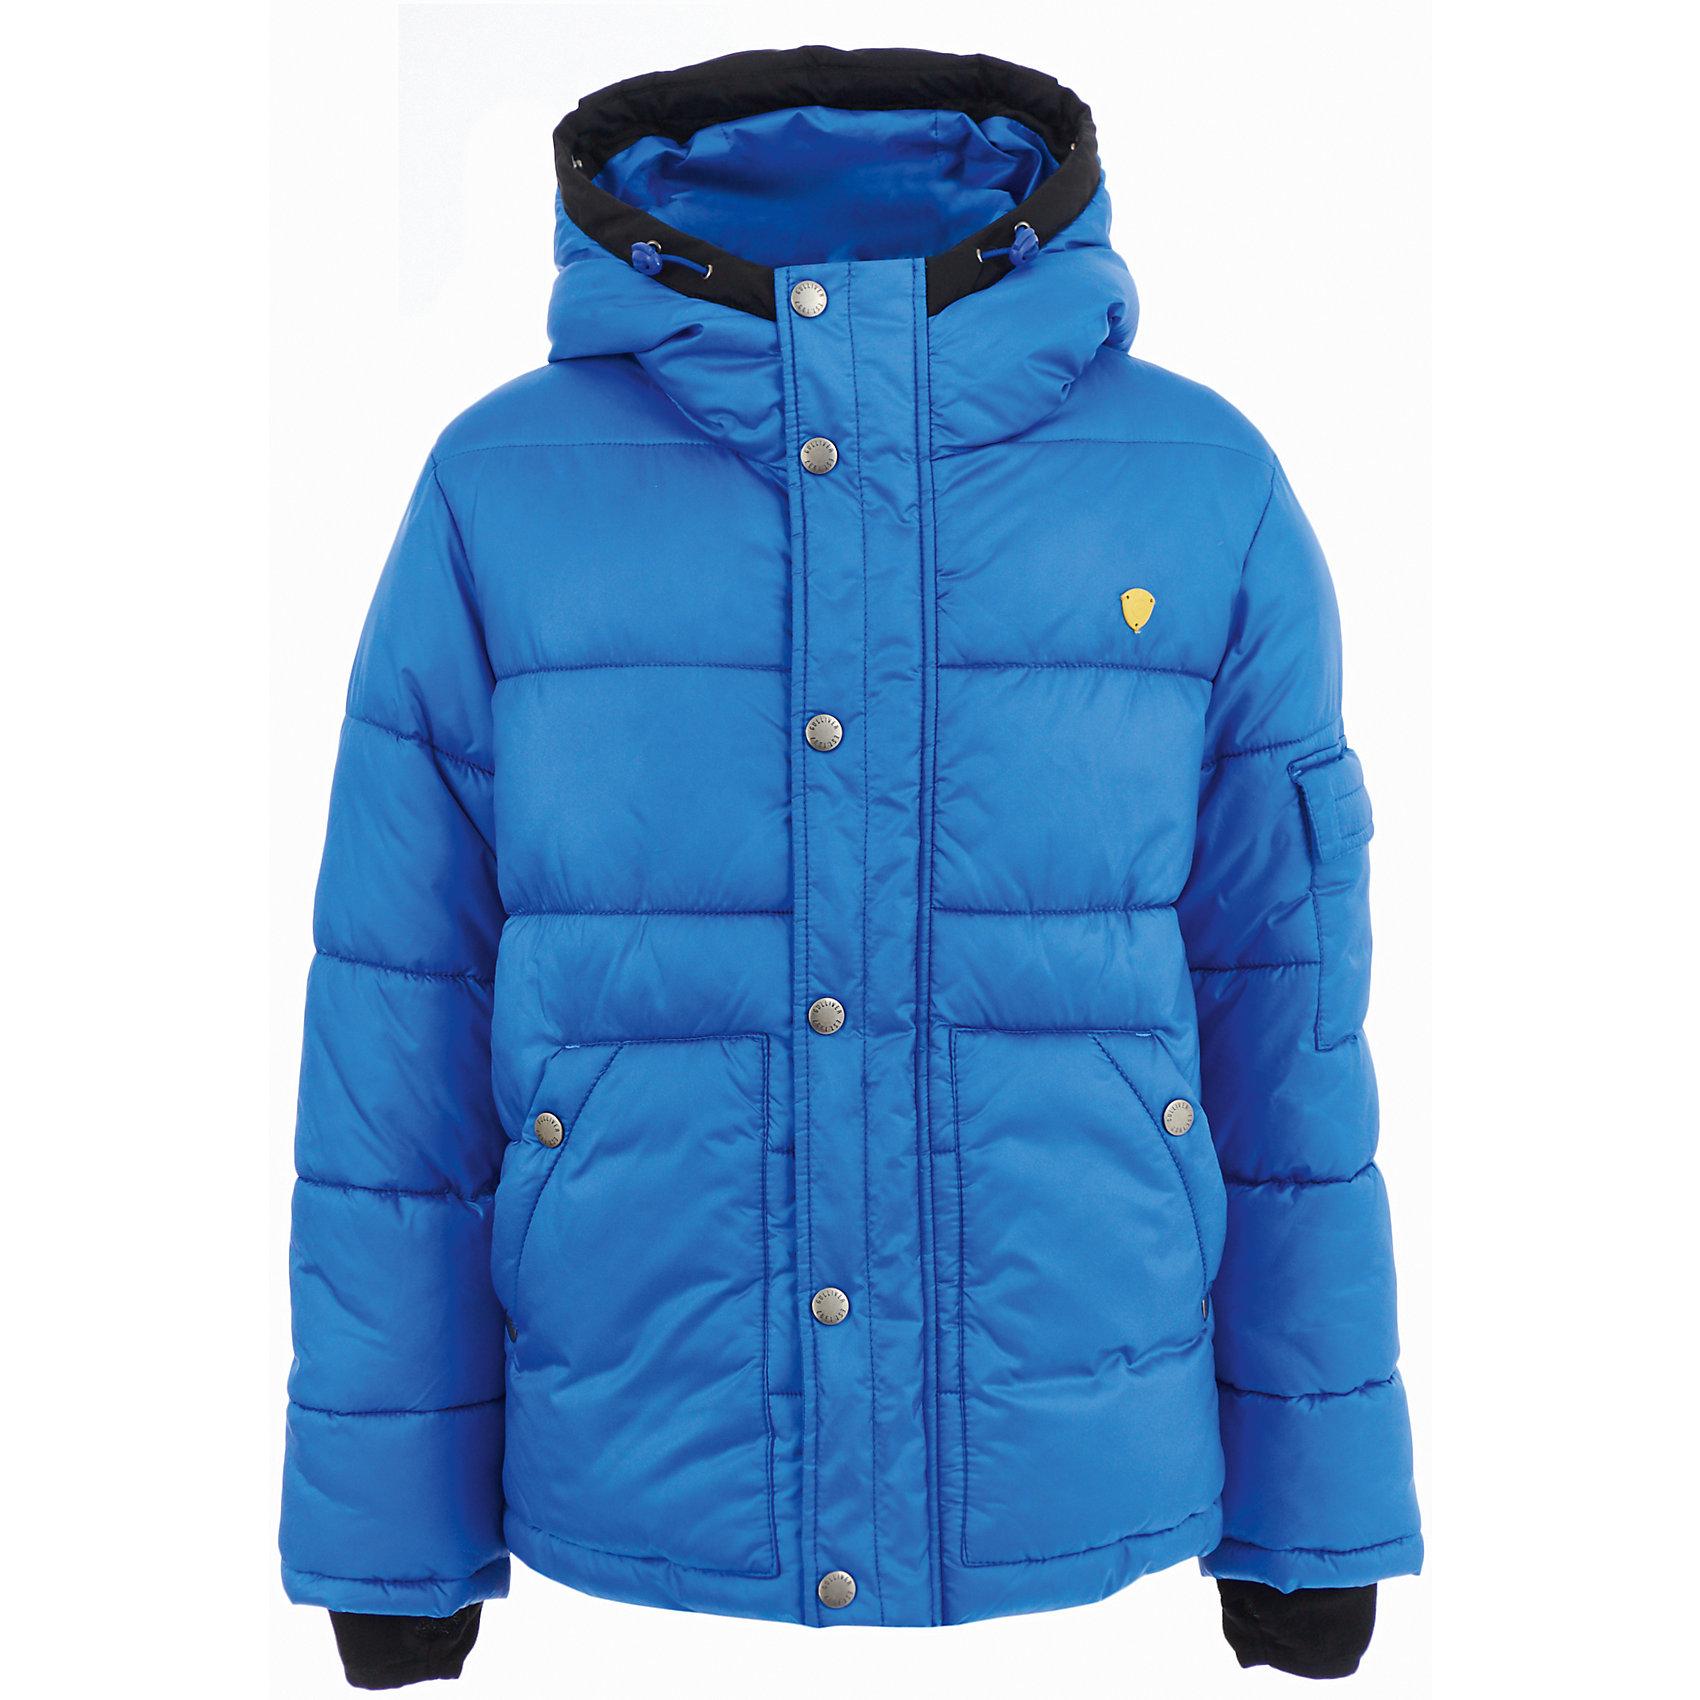 Куртка Gulliver для мальчикаДемисезонные куртки<br>Куртка Gulliver для мальчика<br>Модную или комфортную? Красивую или практичную?... Если вы хотите купить куртку для мальчика, помните, что хорошая куртка должна сочетать в себе все необходимые требования к внешнему виду и функциональности! Именно такая, детская куртка от Gulliver, - отличный вариант для осенней погоды. Стильный дизайн: яркий цвет, крупный принт, брендированная нашивка на рукаве не позволят пройти мимо, не обратив на себя внимания! Удобная форма, комфортная длина, удачная конструкция модели, не препятствующая свободе движений, а также все необходимые элементы для защиты от ветра сделают куртку незаменимым атрибутом осеннего гардероба.<br>Состав:<br>верх: 100% полиэстер; подкладка: 100% полиэстер; утеплитель: иск.пух 100% полиэстер<br><br>Ширина мм: 356<br>Глубина мм: 10<br>Высота мм: 245<br>Вес г: 519<br>Цвет: синий<br>Возраст от месяцев: 108<br>Возраст до месяцев: 120<br>Пол: Мужской<br>Возраст: Детский<br>Размер: 140,122,128,134<br>SKU: 7077078